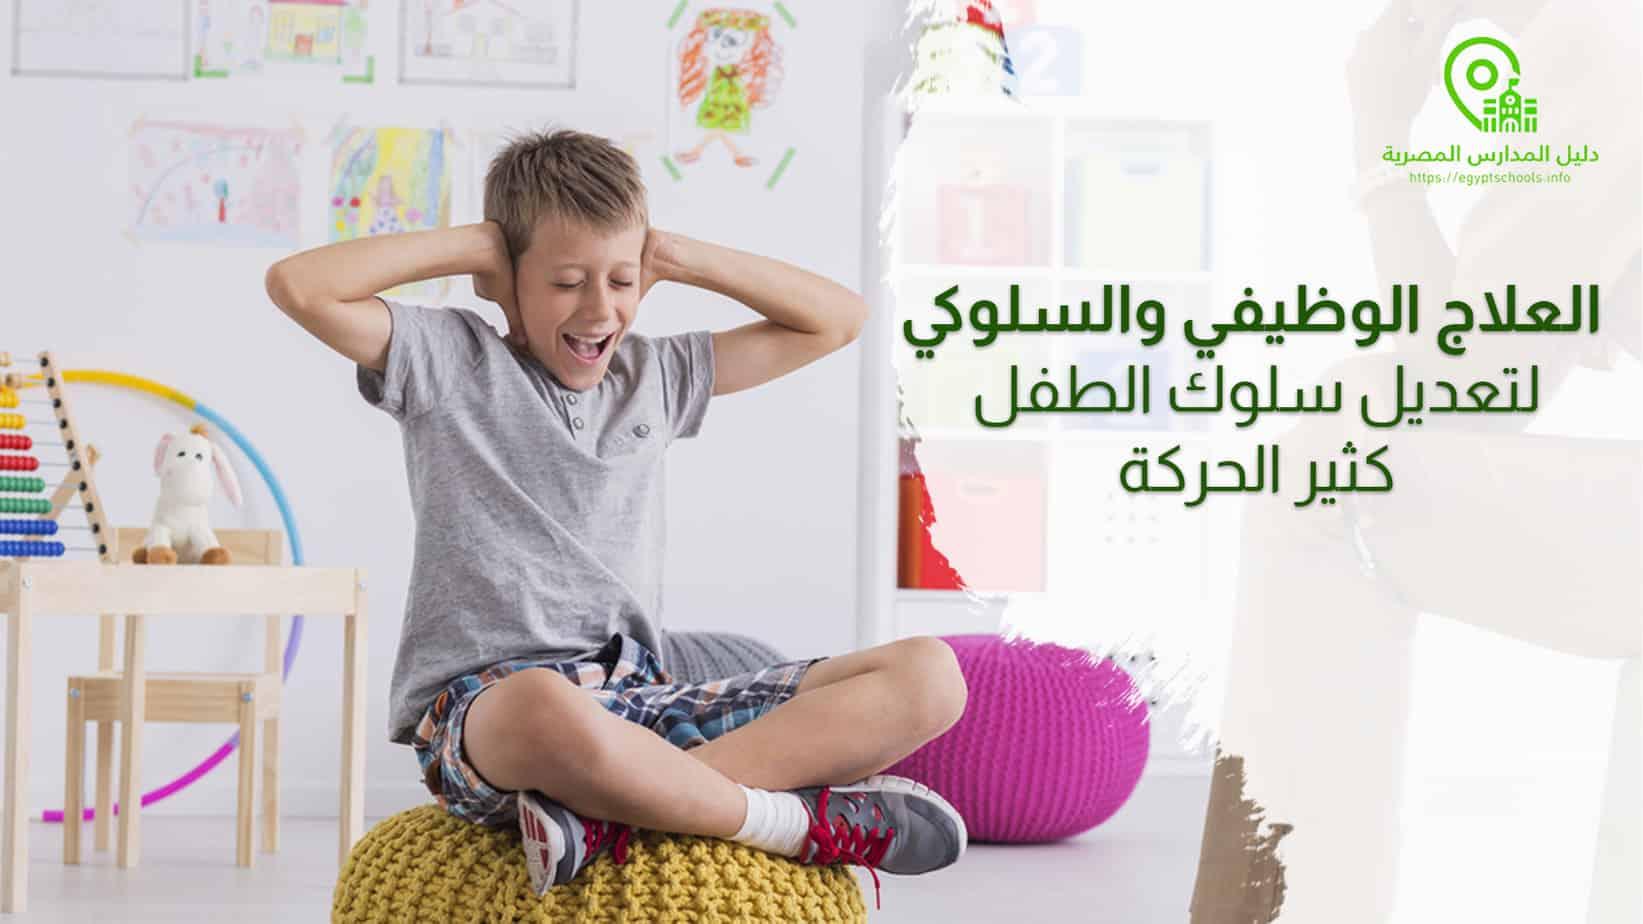 العلاج الوظيفي والسلوكي لتعديل سلوك الطفل كثير الحركة